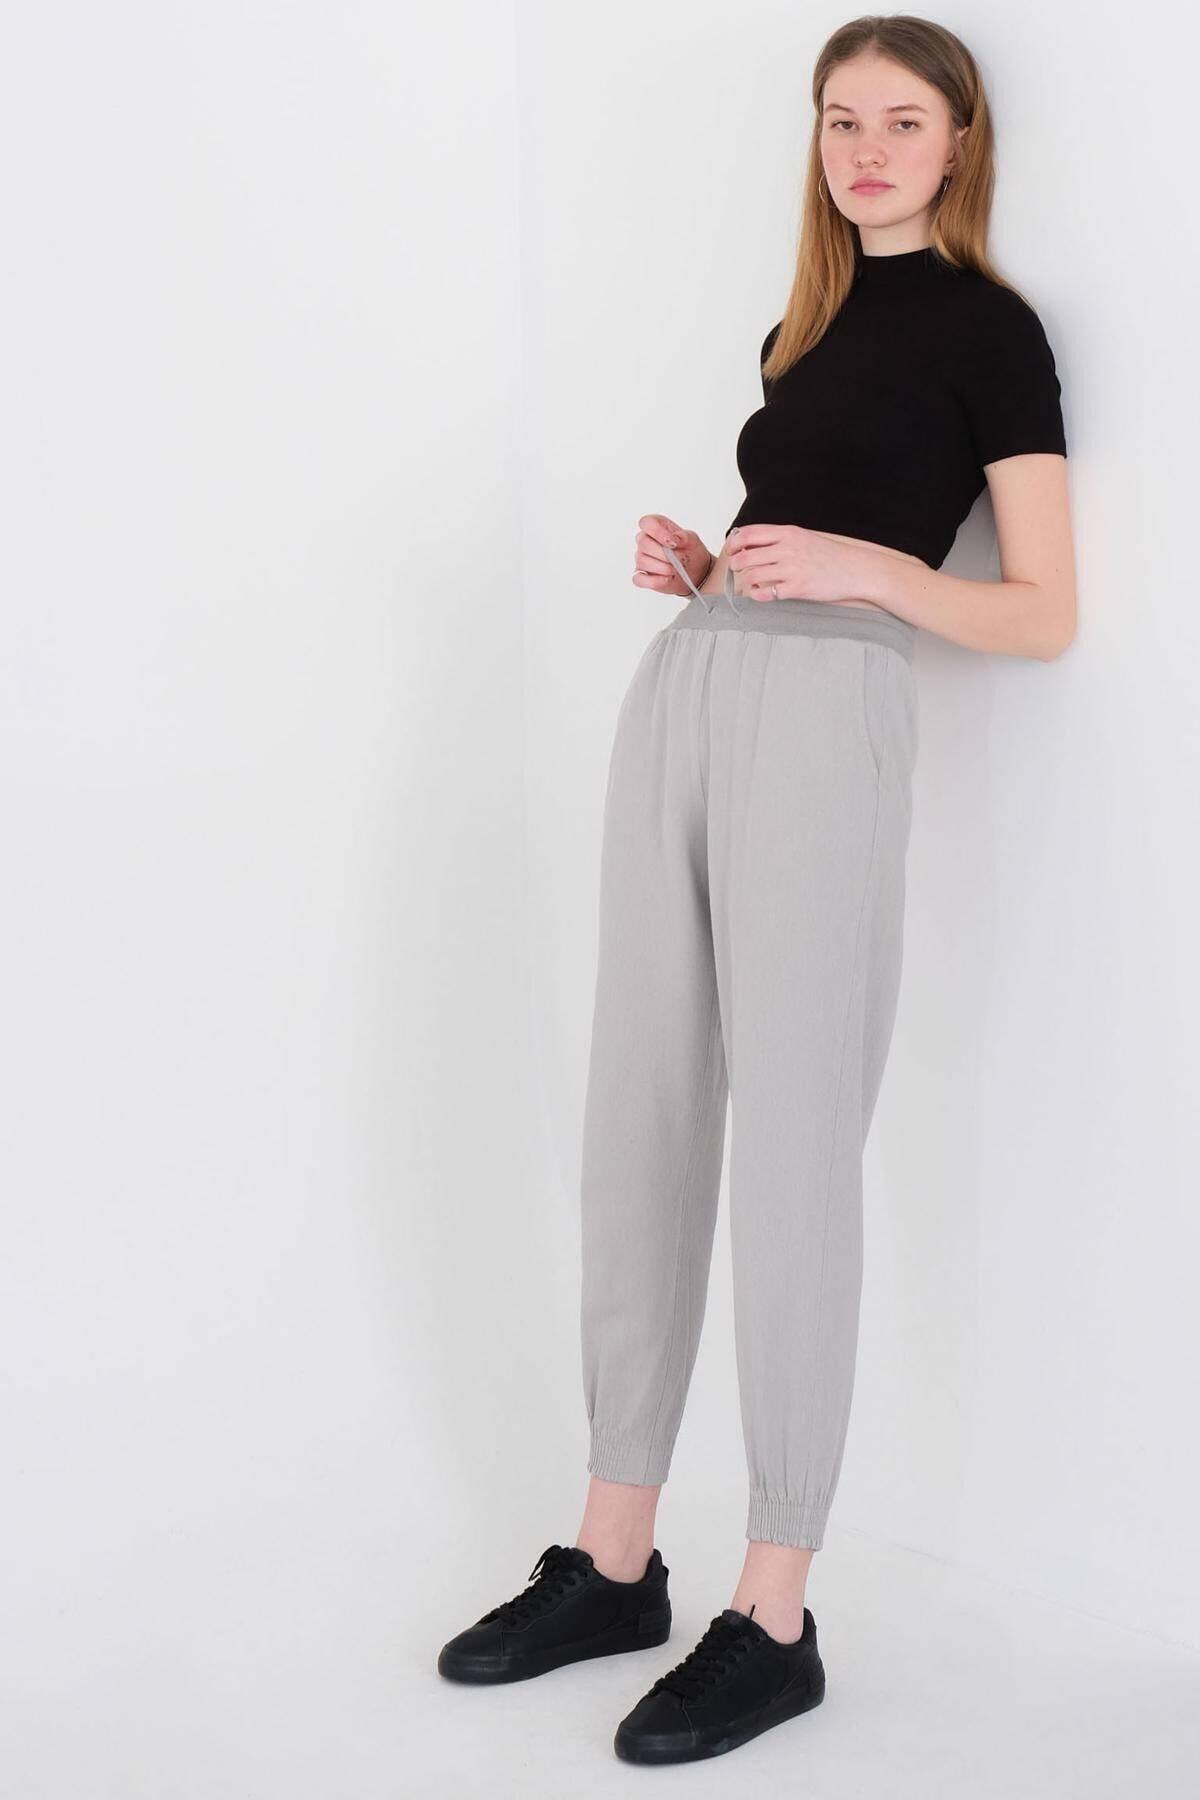 Addax Kadın Gri Paçası Lastikli Pantolon Pn01-072 - W3 Adx-0000023811